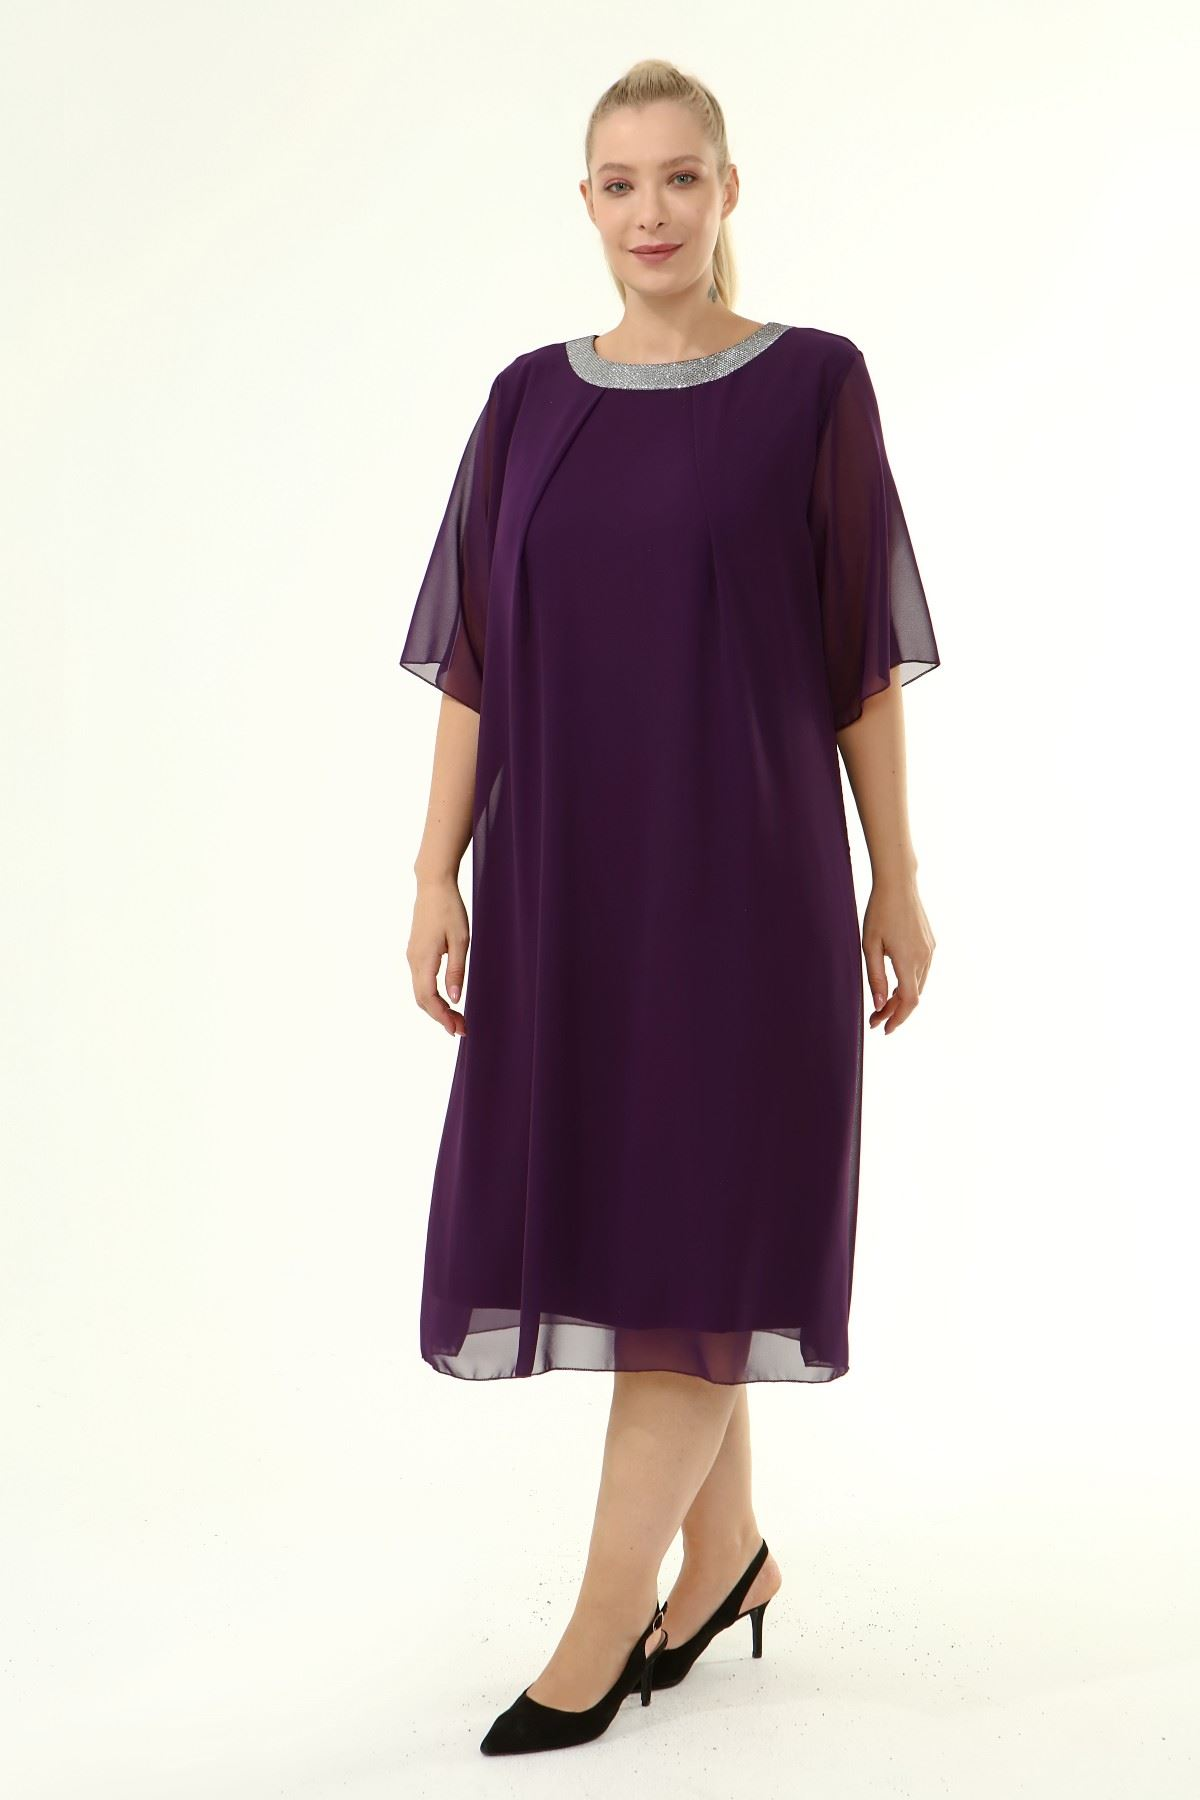 Büyük Beden Şifon Elbise 19D-1865